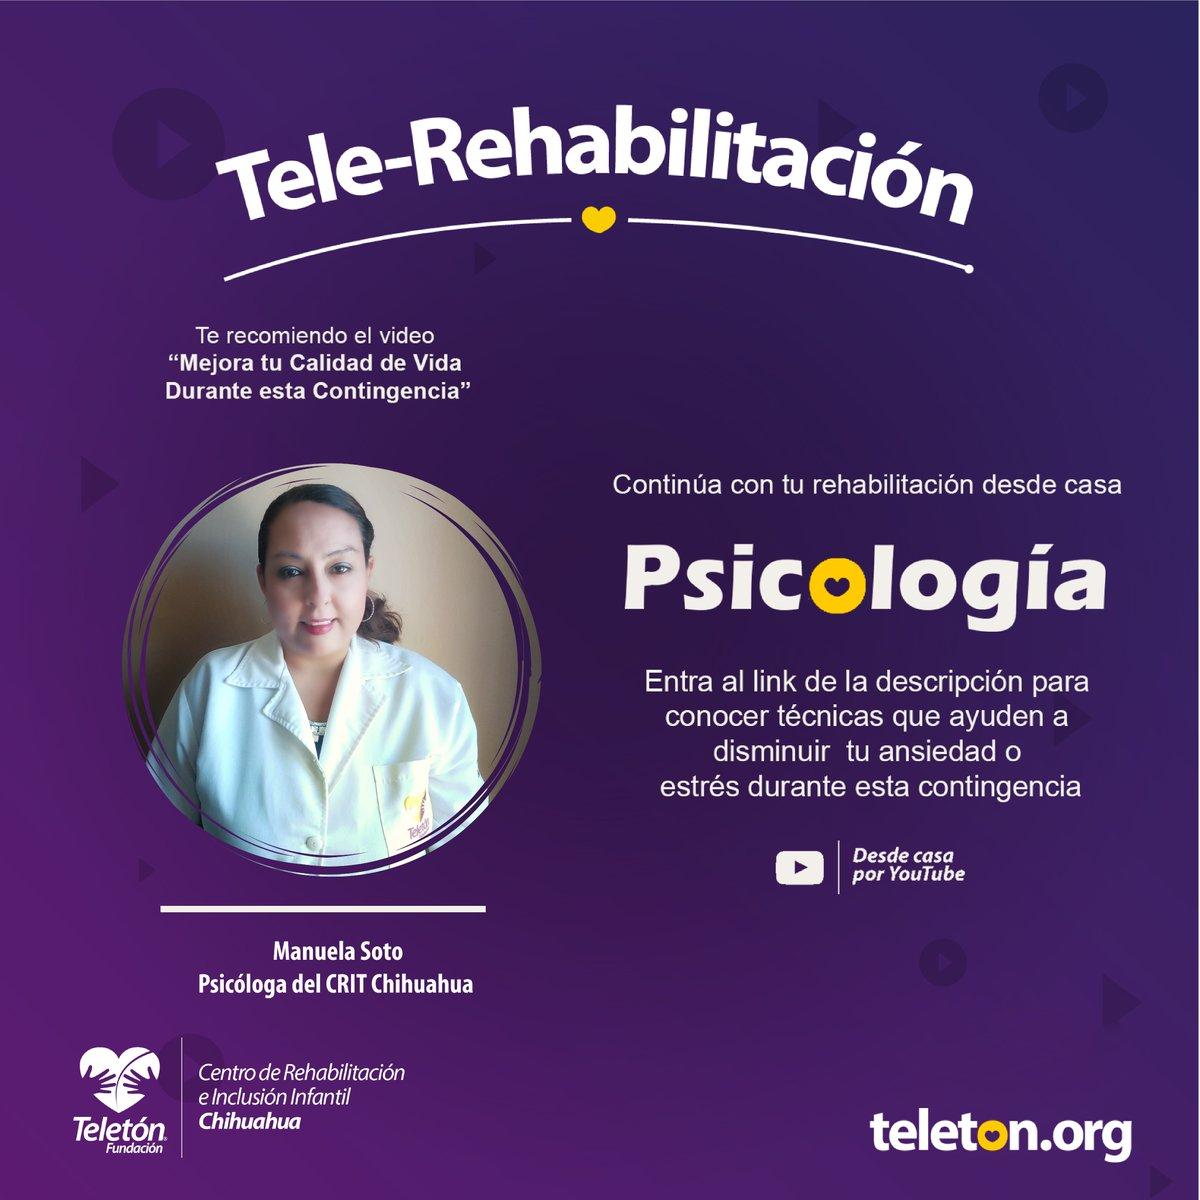 ¡Tele-Rehabilitación para todos!  Da clic en el siguiente link:    #teletónsiemprecontigo     #telerehabilitación  #quédateencasa  #teletónméxico  #unidossaldremosadelante  #psicología